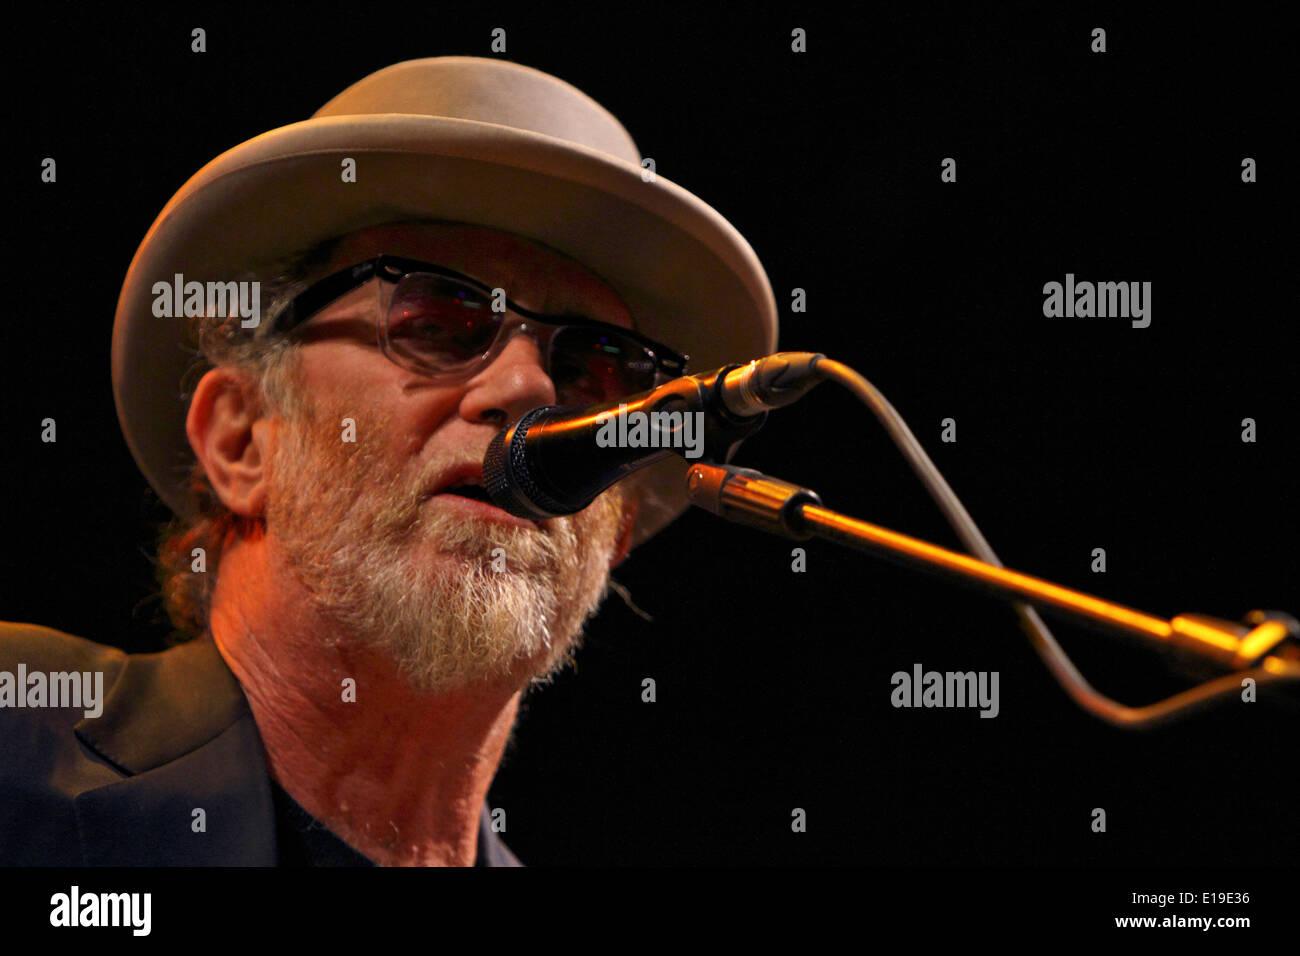 Italian singer and songwriter Francesco De Gregori performing in 2011 concert Stock Photo